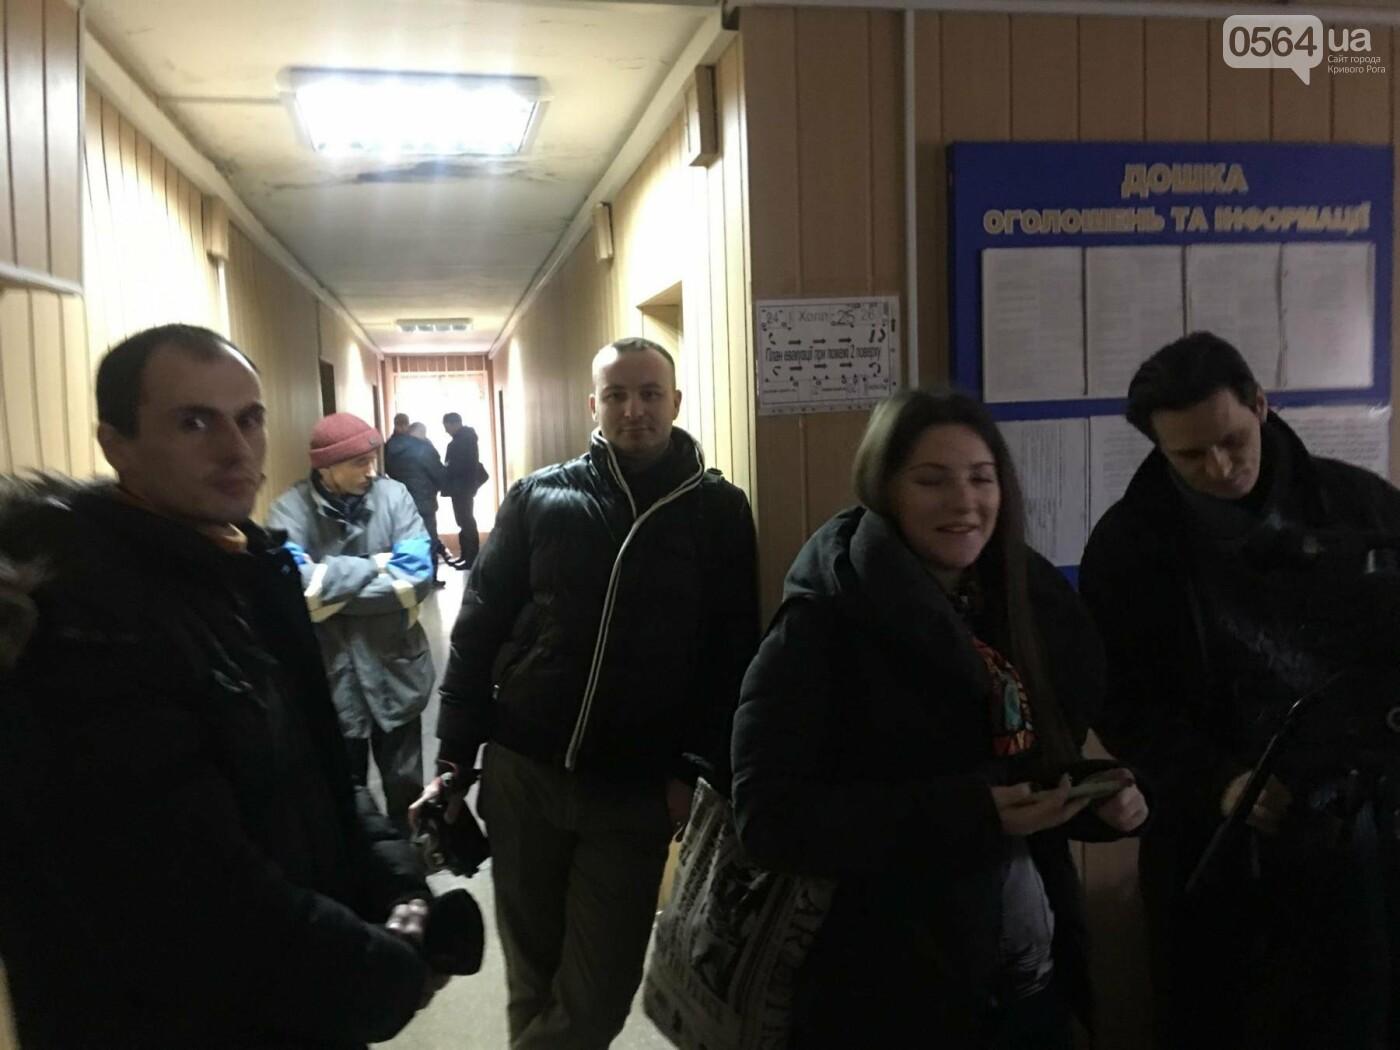 Сегодня в Кривом Роге продолжается суд над горожанином, надругавшимся над Флагом Украины (ФОТО), фото-3